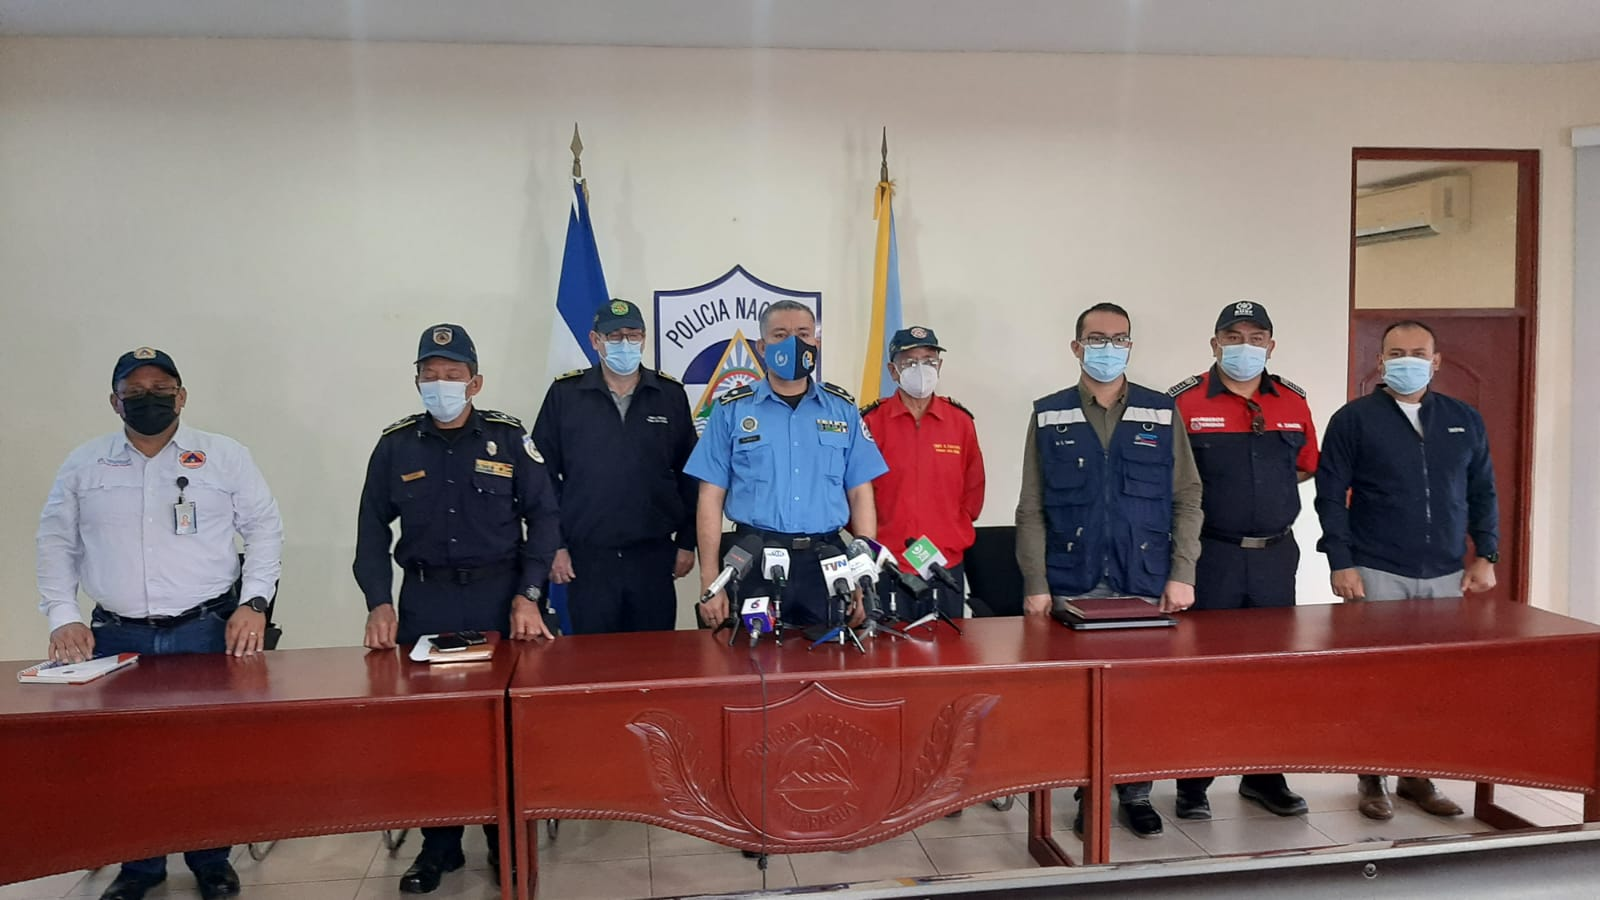 Presentan plan para regular uso de pólvora en fiestas de diciembre Managua. Radio La Primerísima